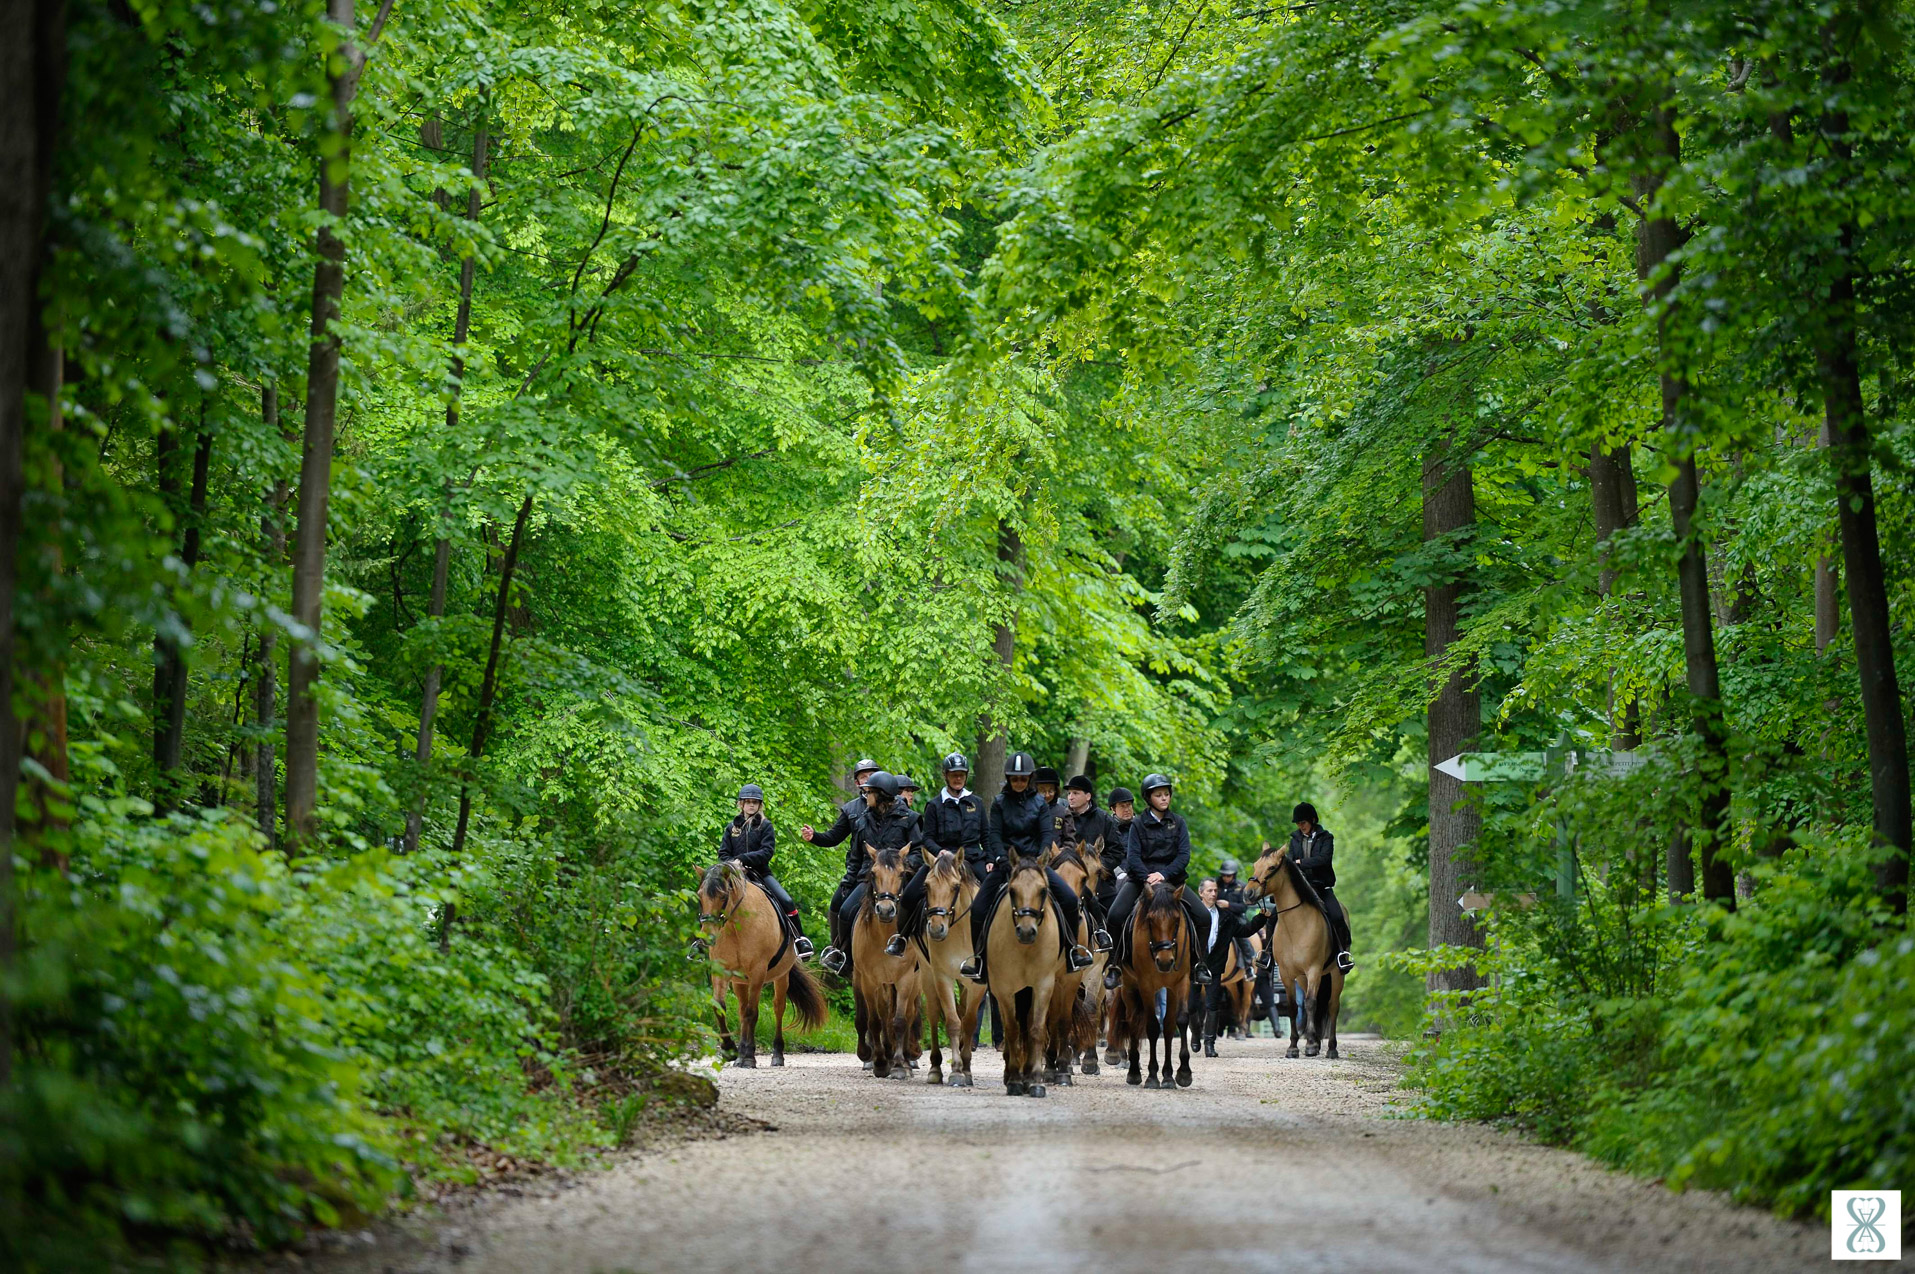 Sémianire d'entreprise et loisir : Découverte de la forêt de Chantilly, sur les allées cavalières